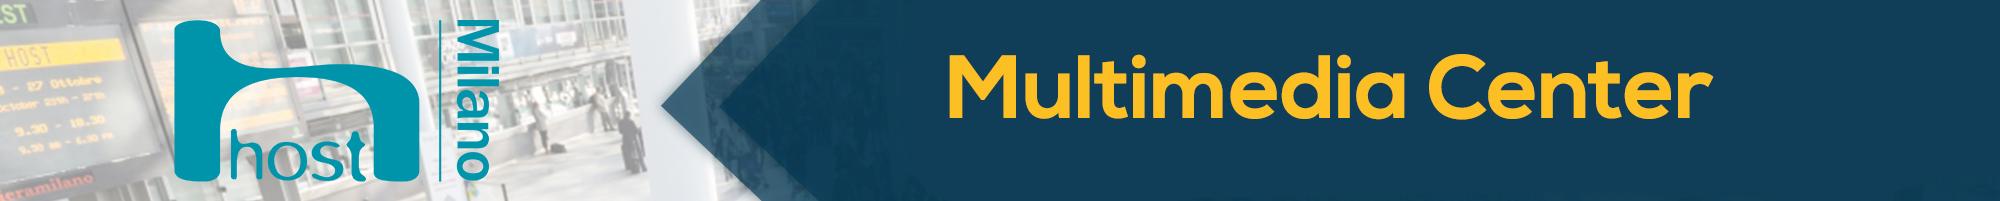 Host-Banner-Multimedia-Center